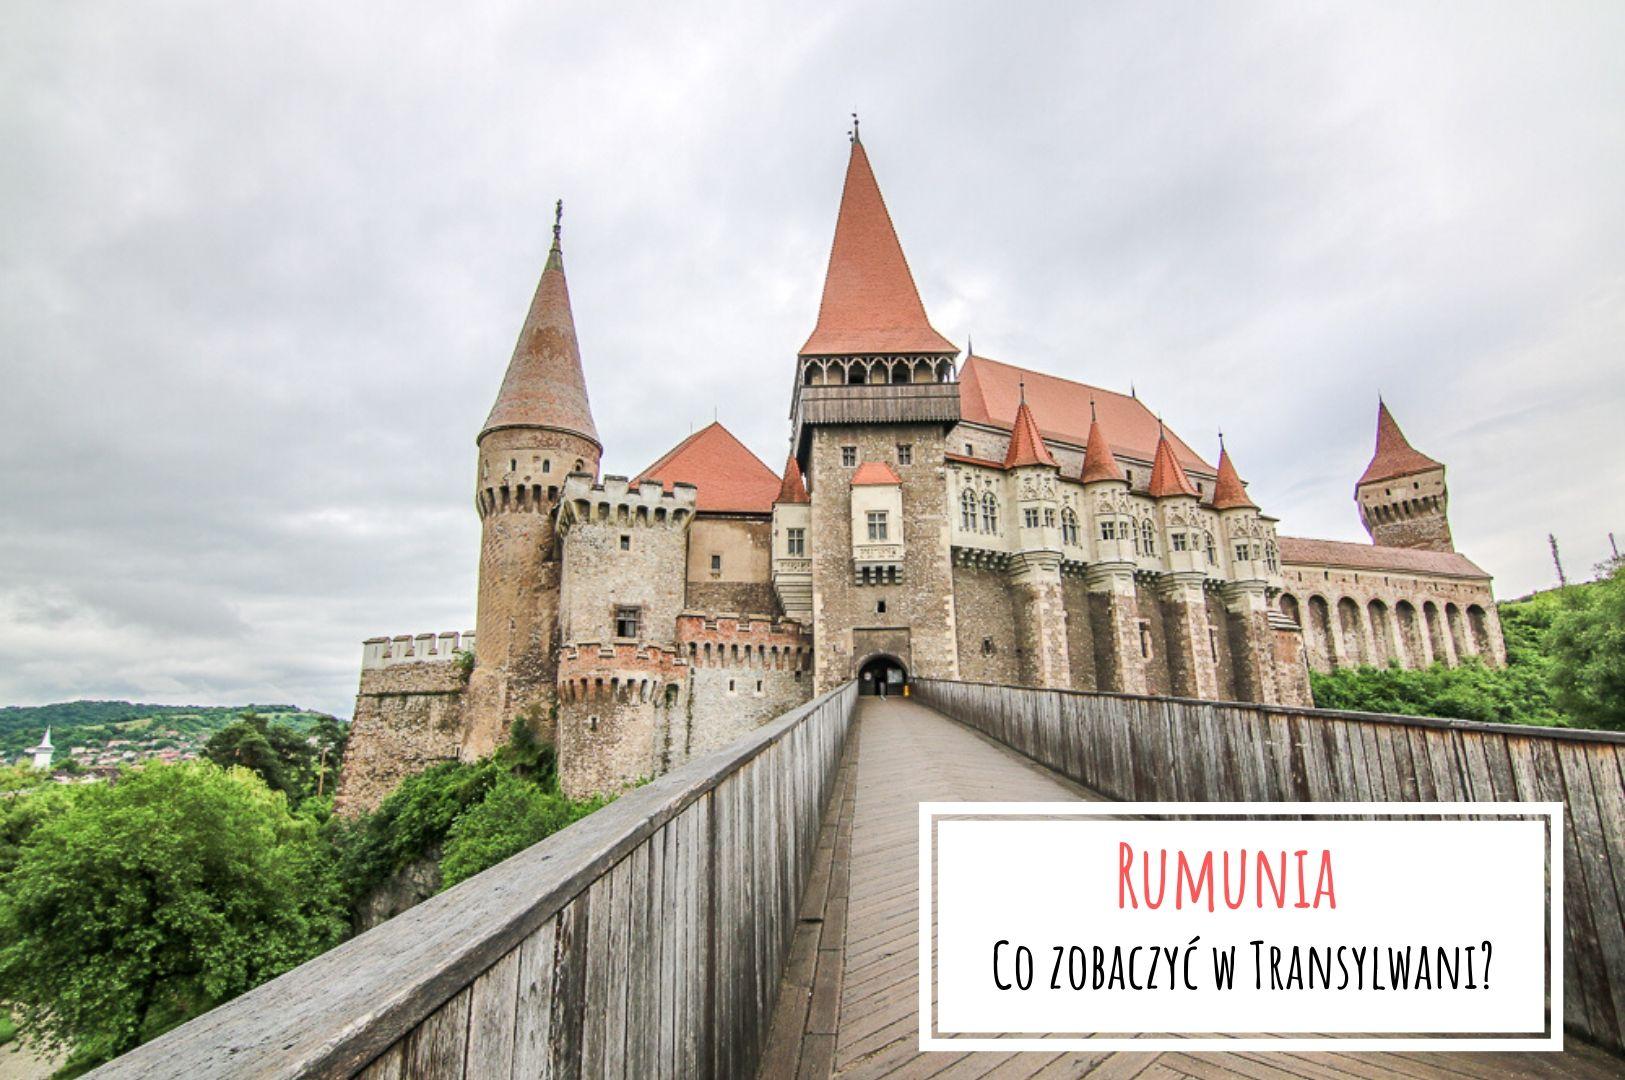 Transylwania_co_zobaczyc